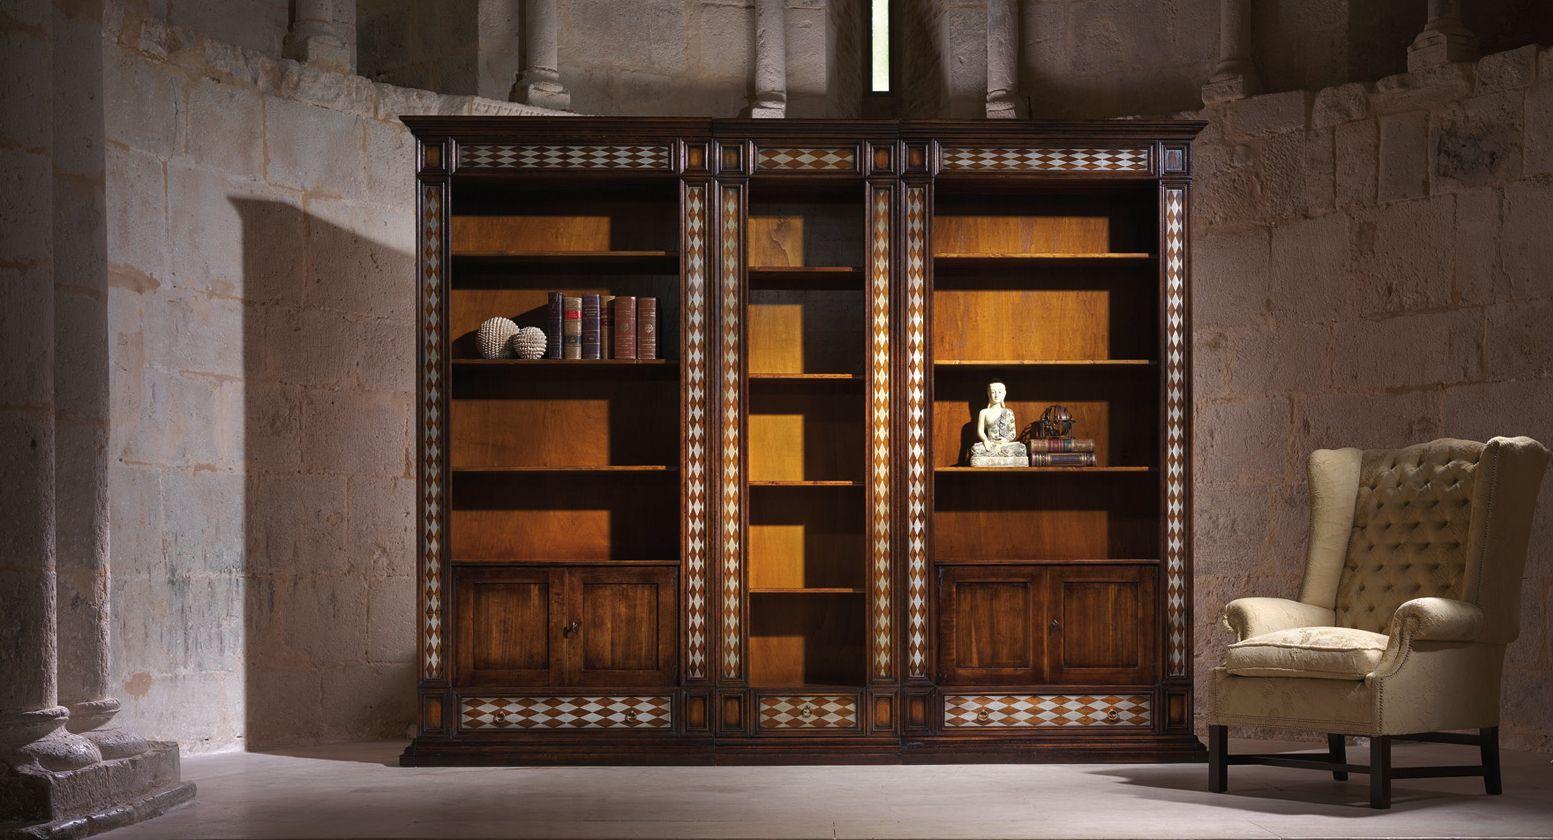 Lola glamour книжный шкаф luxor купить в новосибирске по цен.